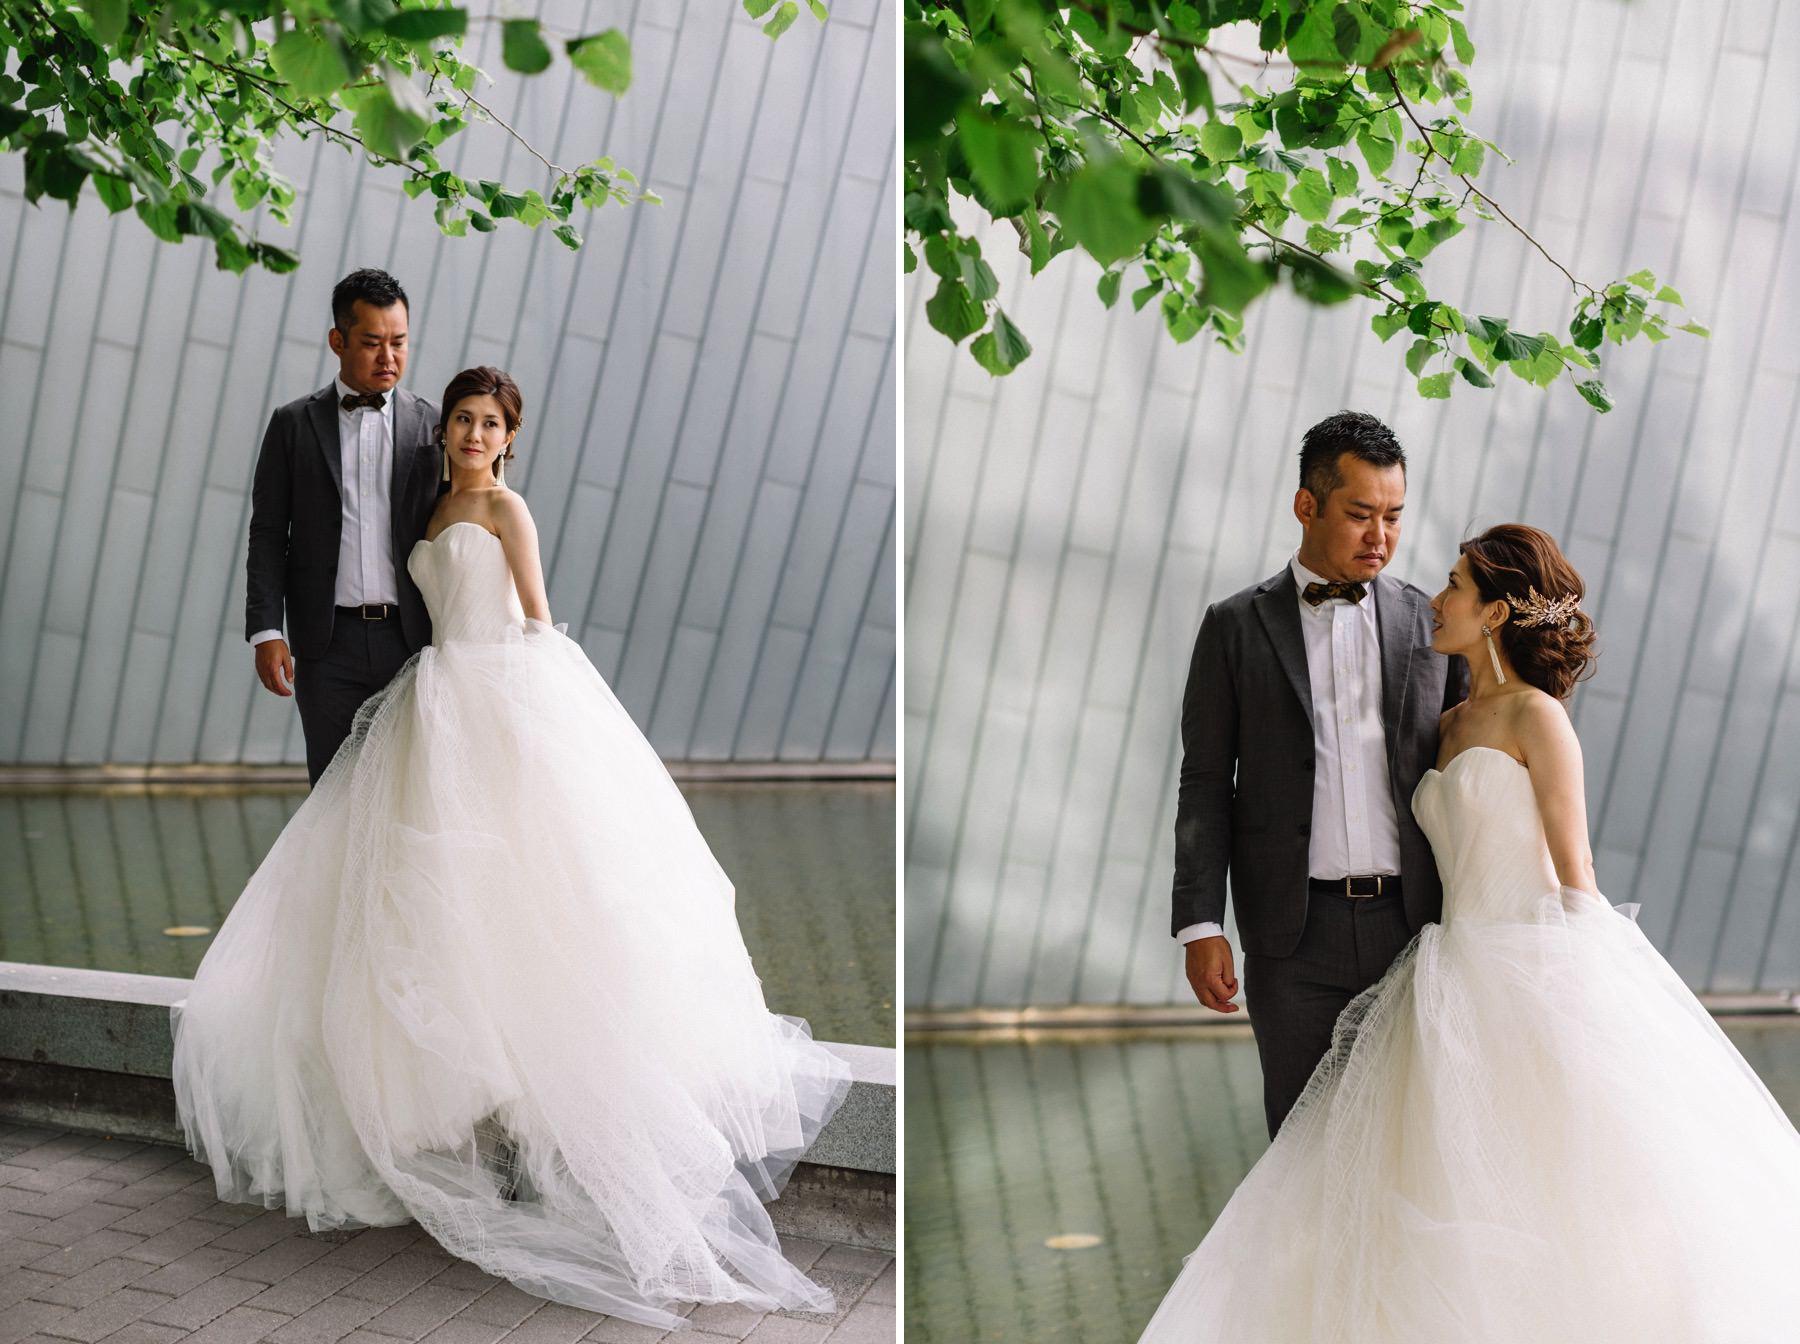 Kiasma museum wedding